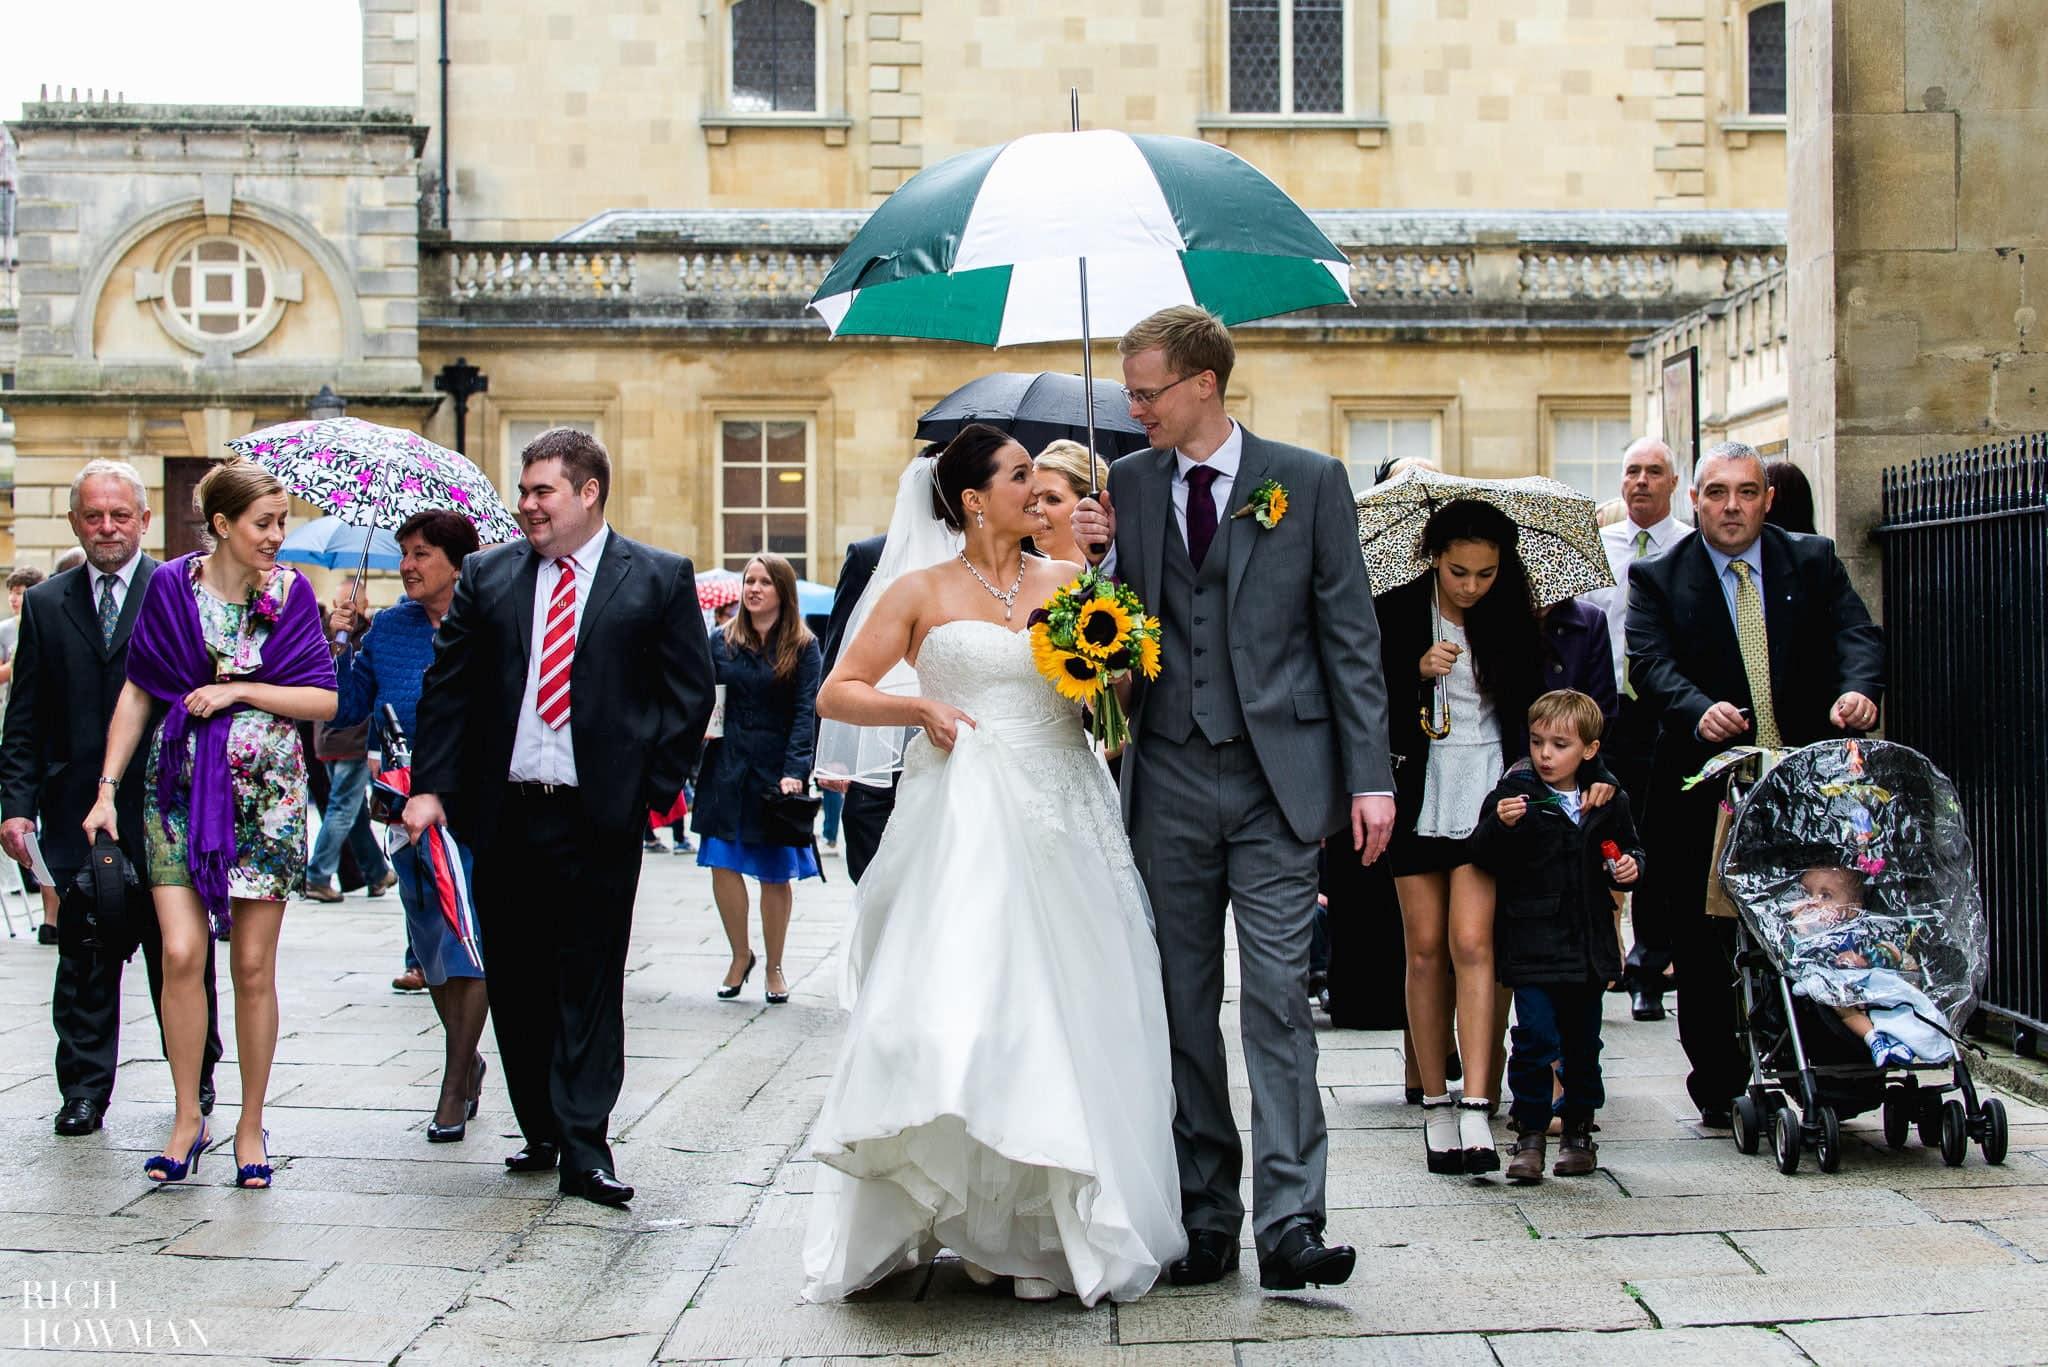 Wedding at Bath Abbey   Bath Guildhall Wedding Reception 22